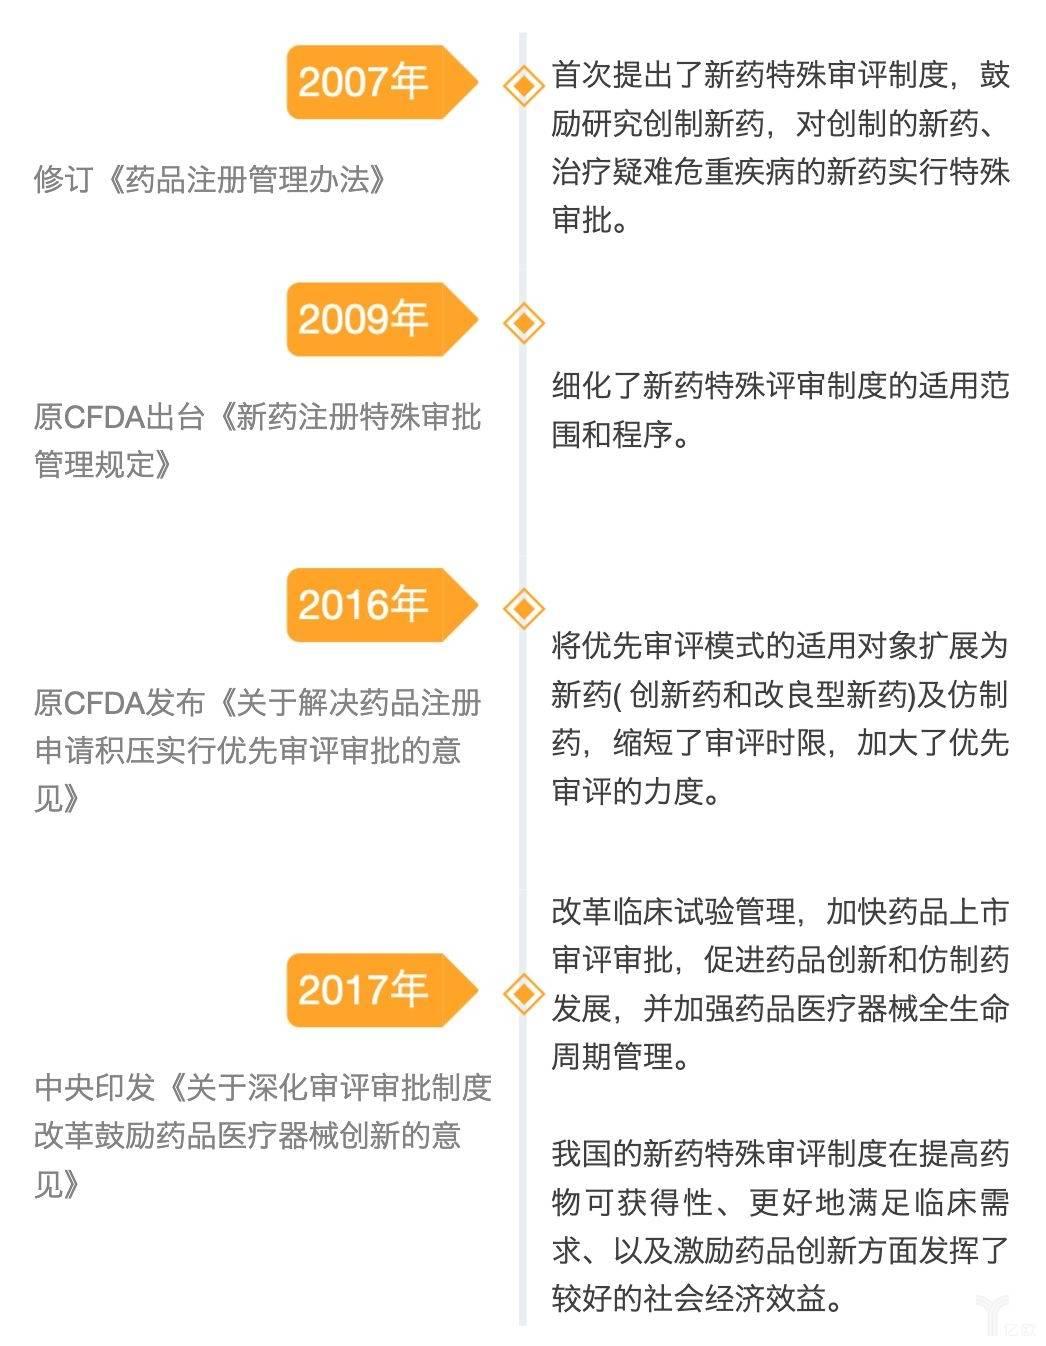 亿欧智库:我国新药特殊审评制度沿革